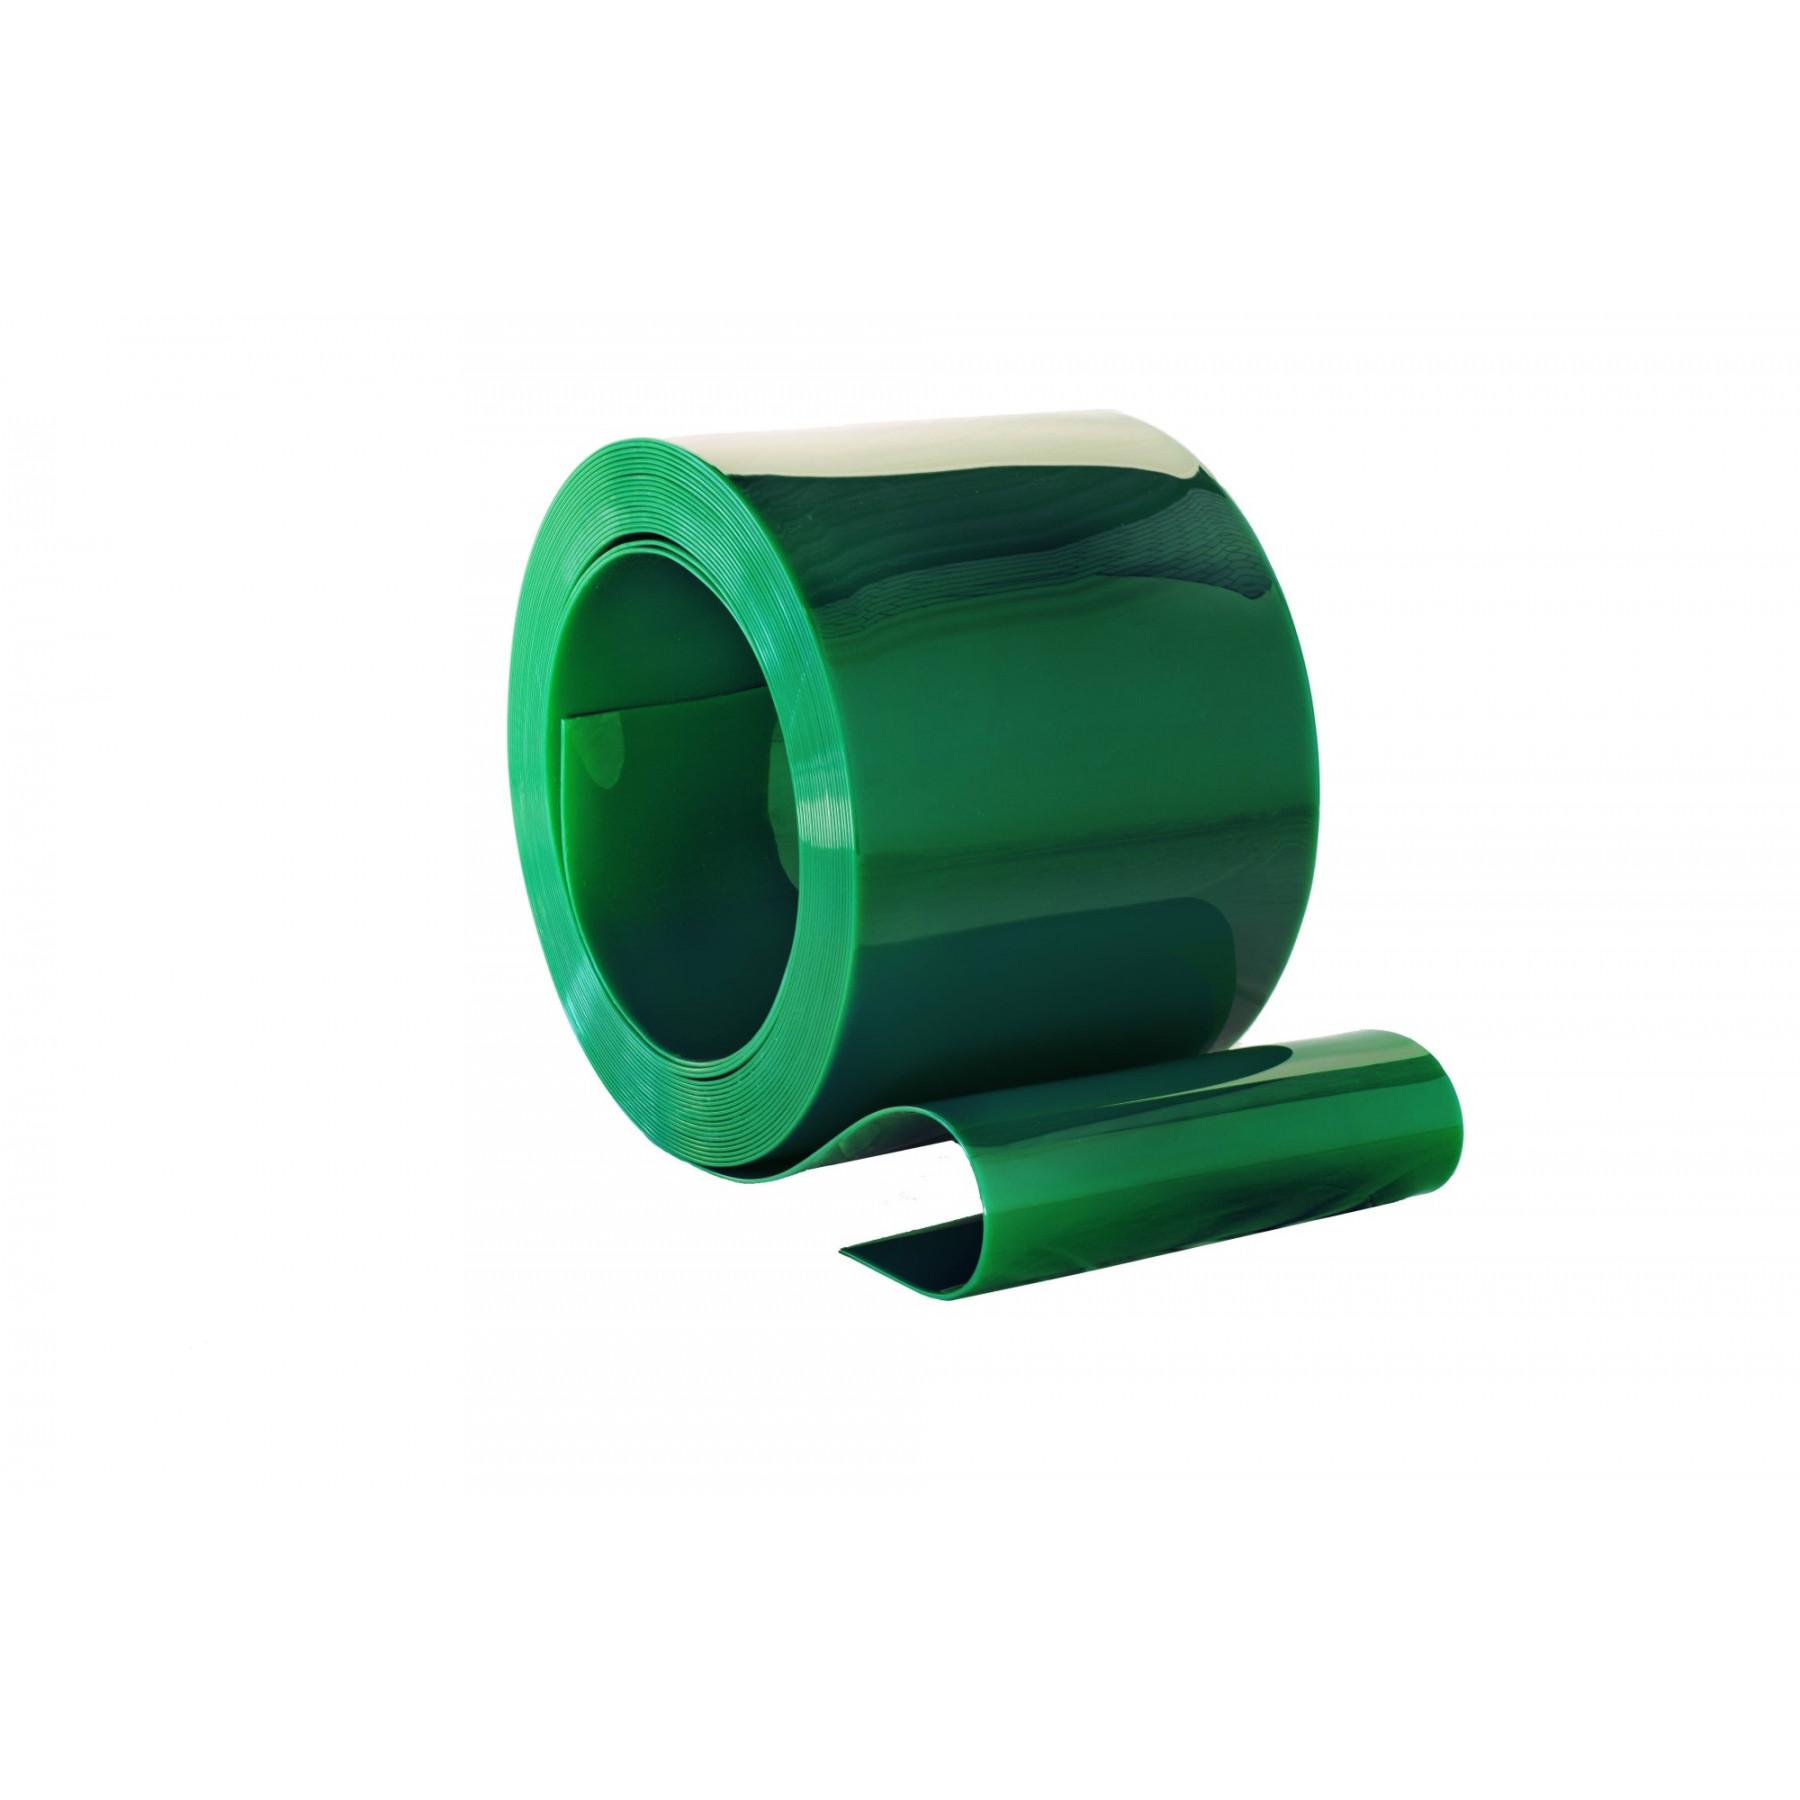 PVC Rolle, 300mm breit, 2mm dick, 50 Meter lang, Schweißqualtität, Farbe Grün, transparent